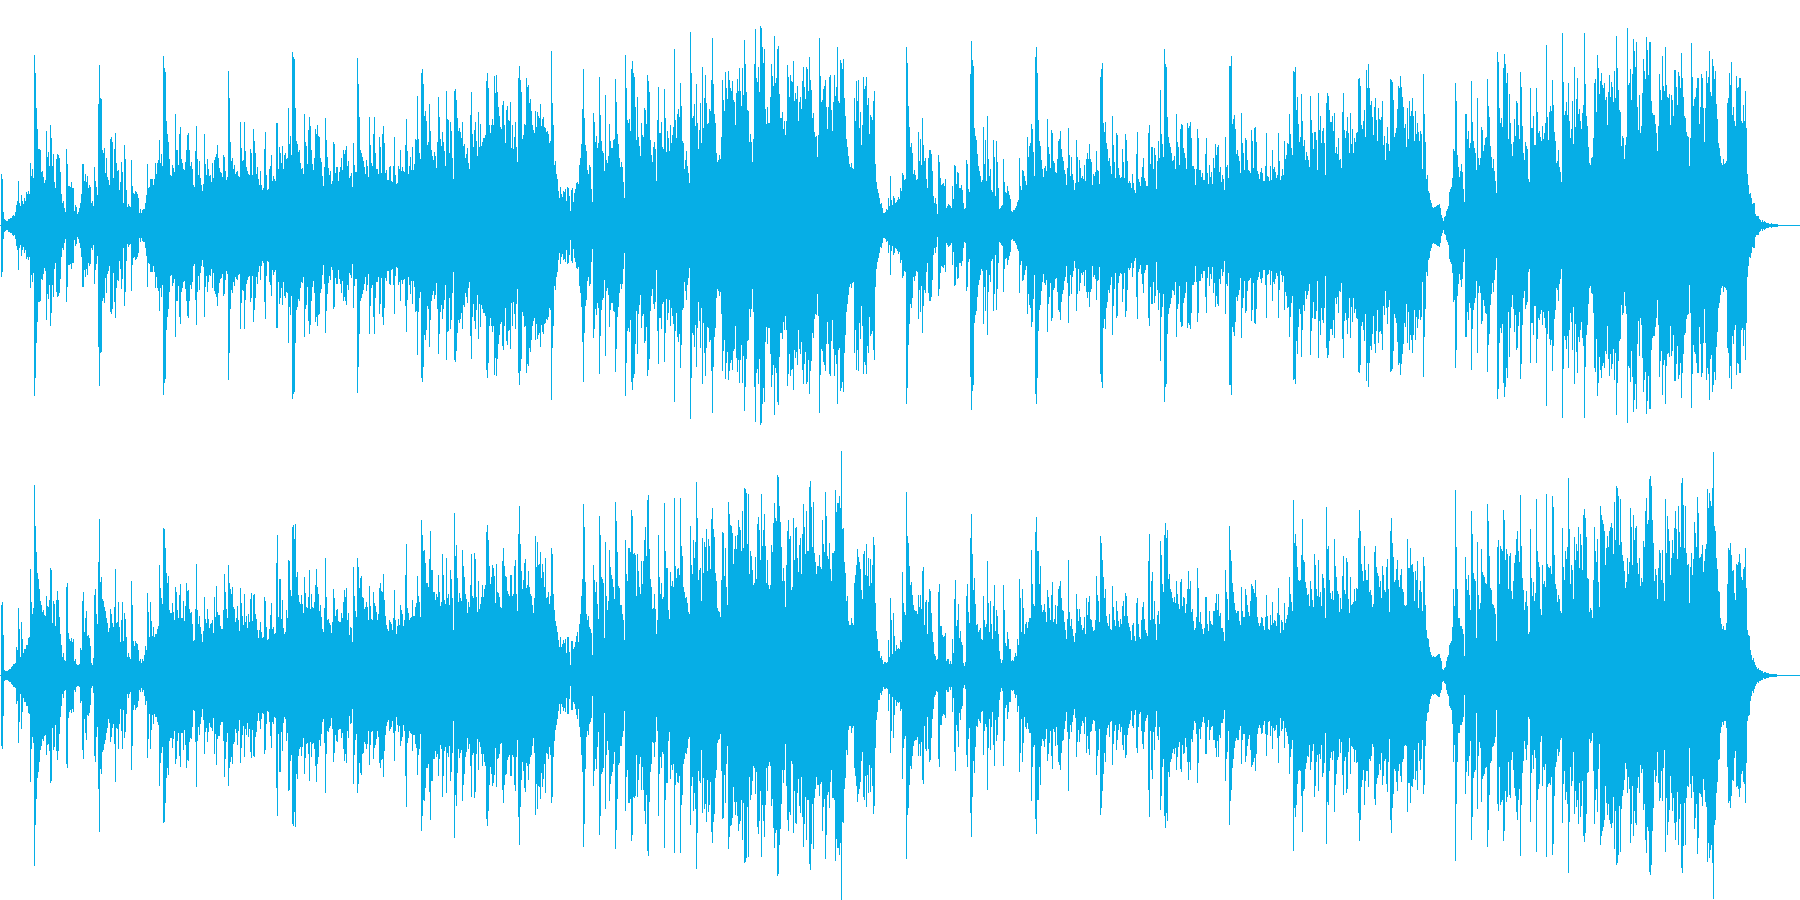 クールなフュージョン曲の再生済みの波形